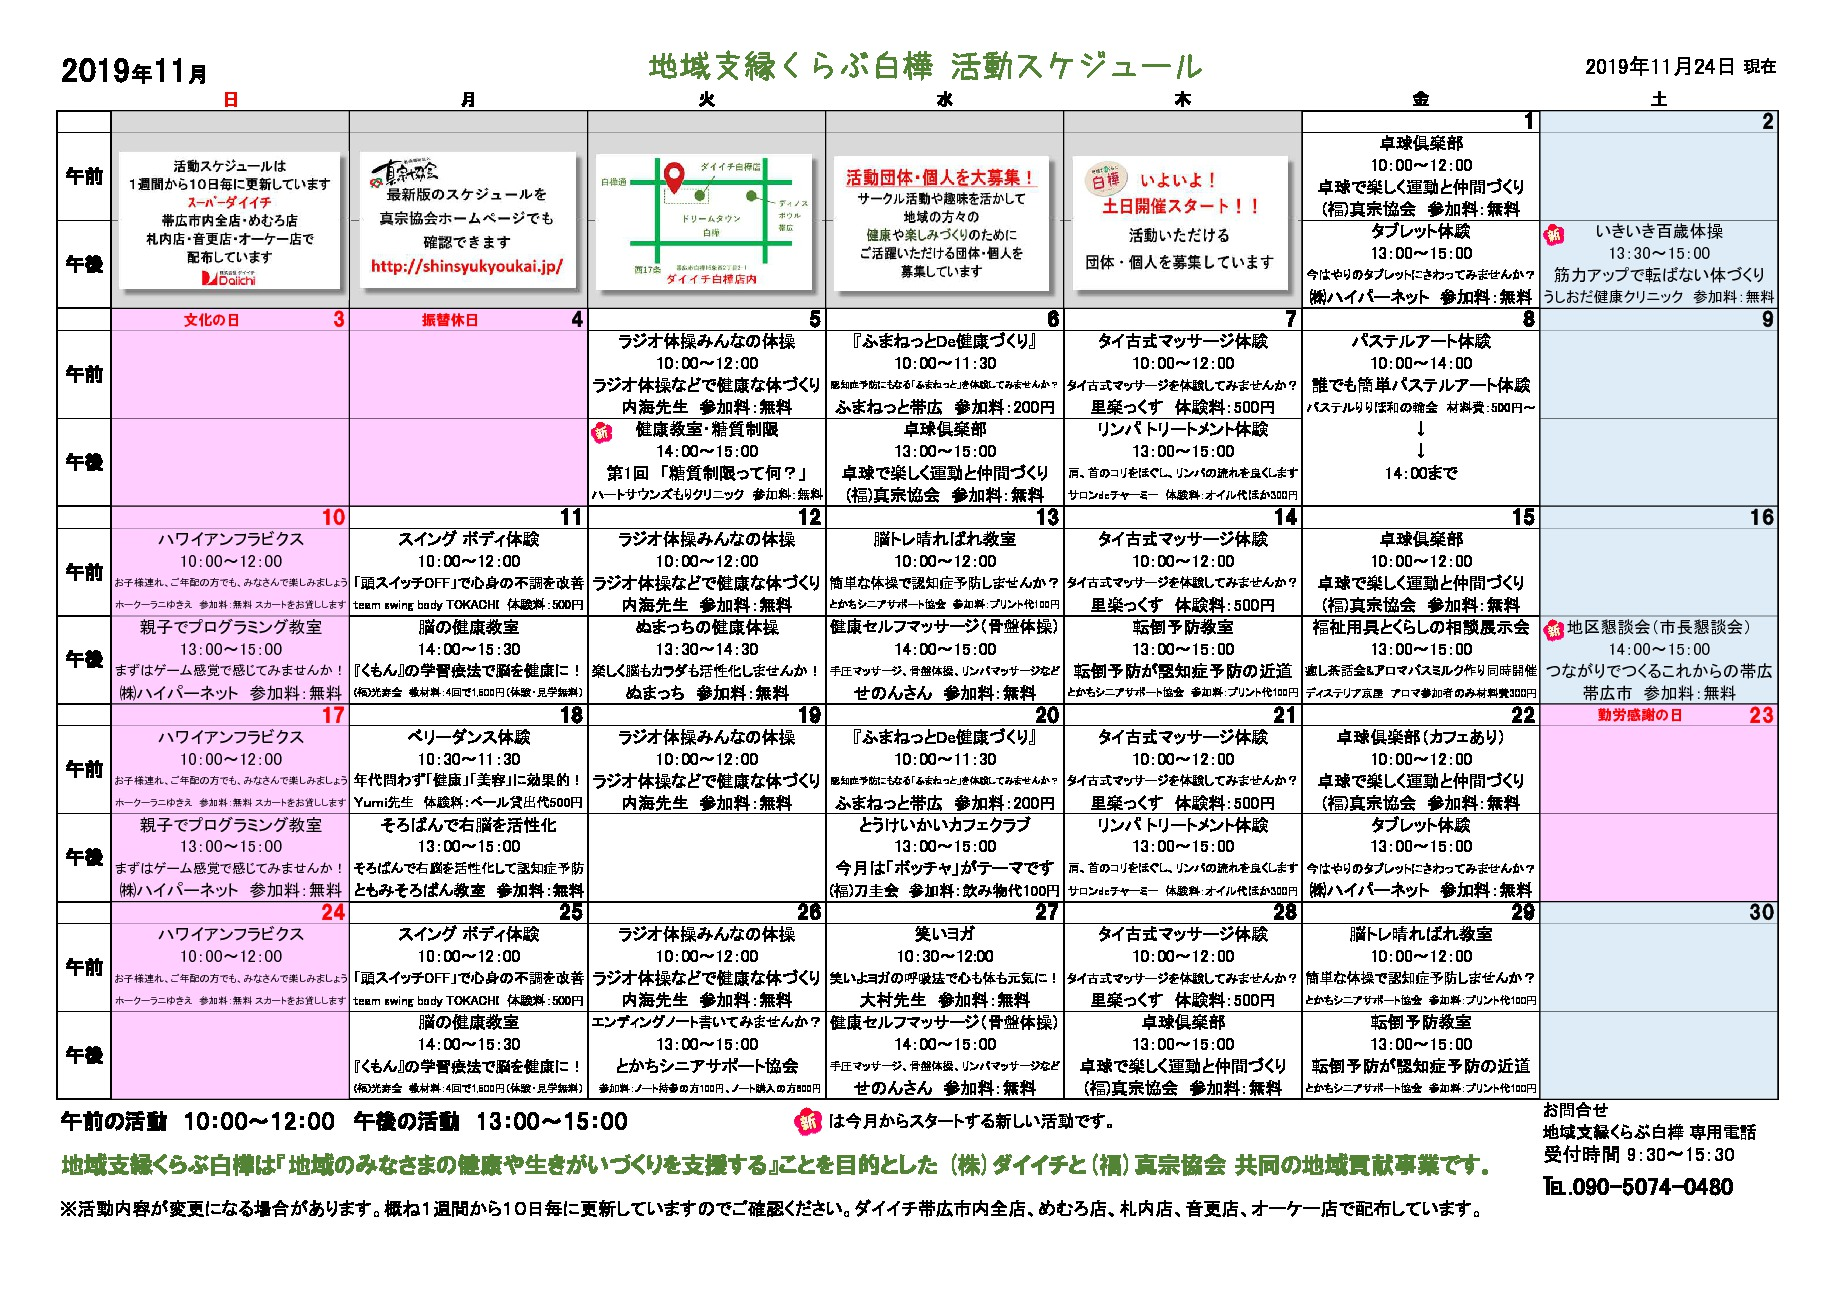 2019活動スケジュール11(2019.11.24付)のサムネイル